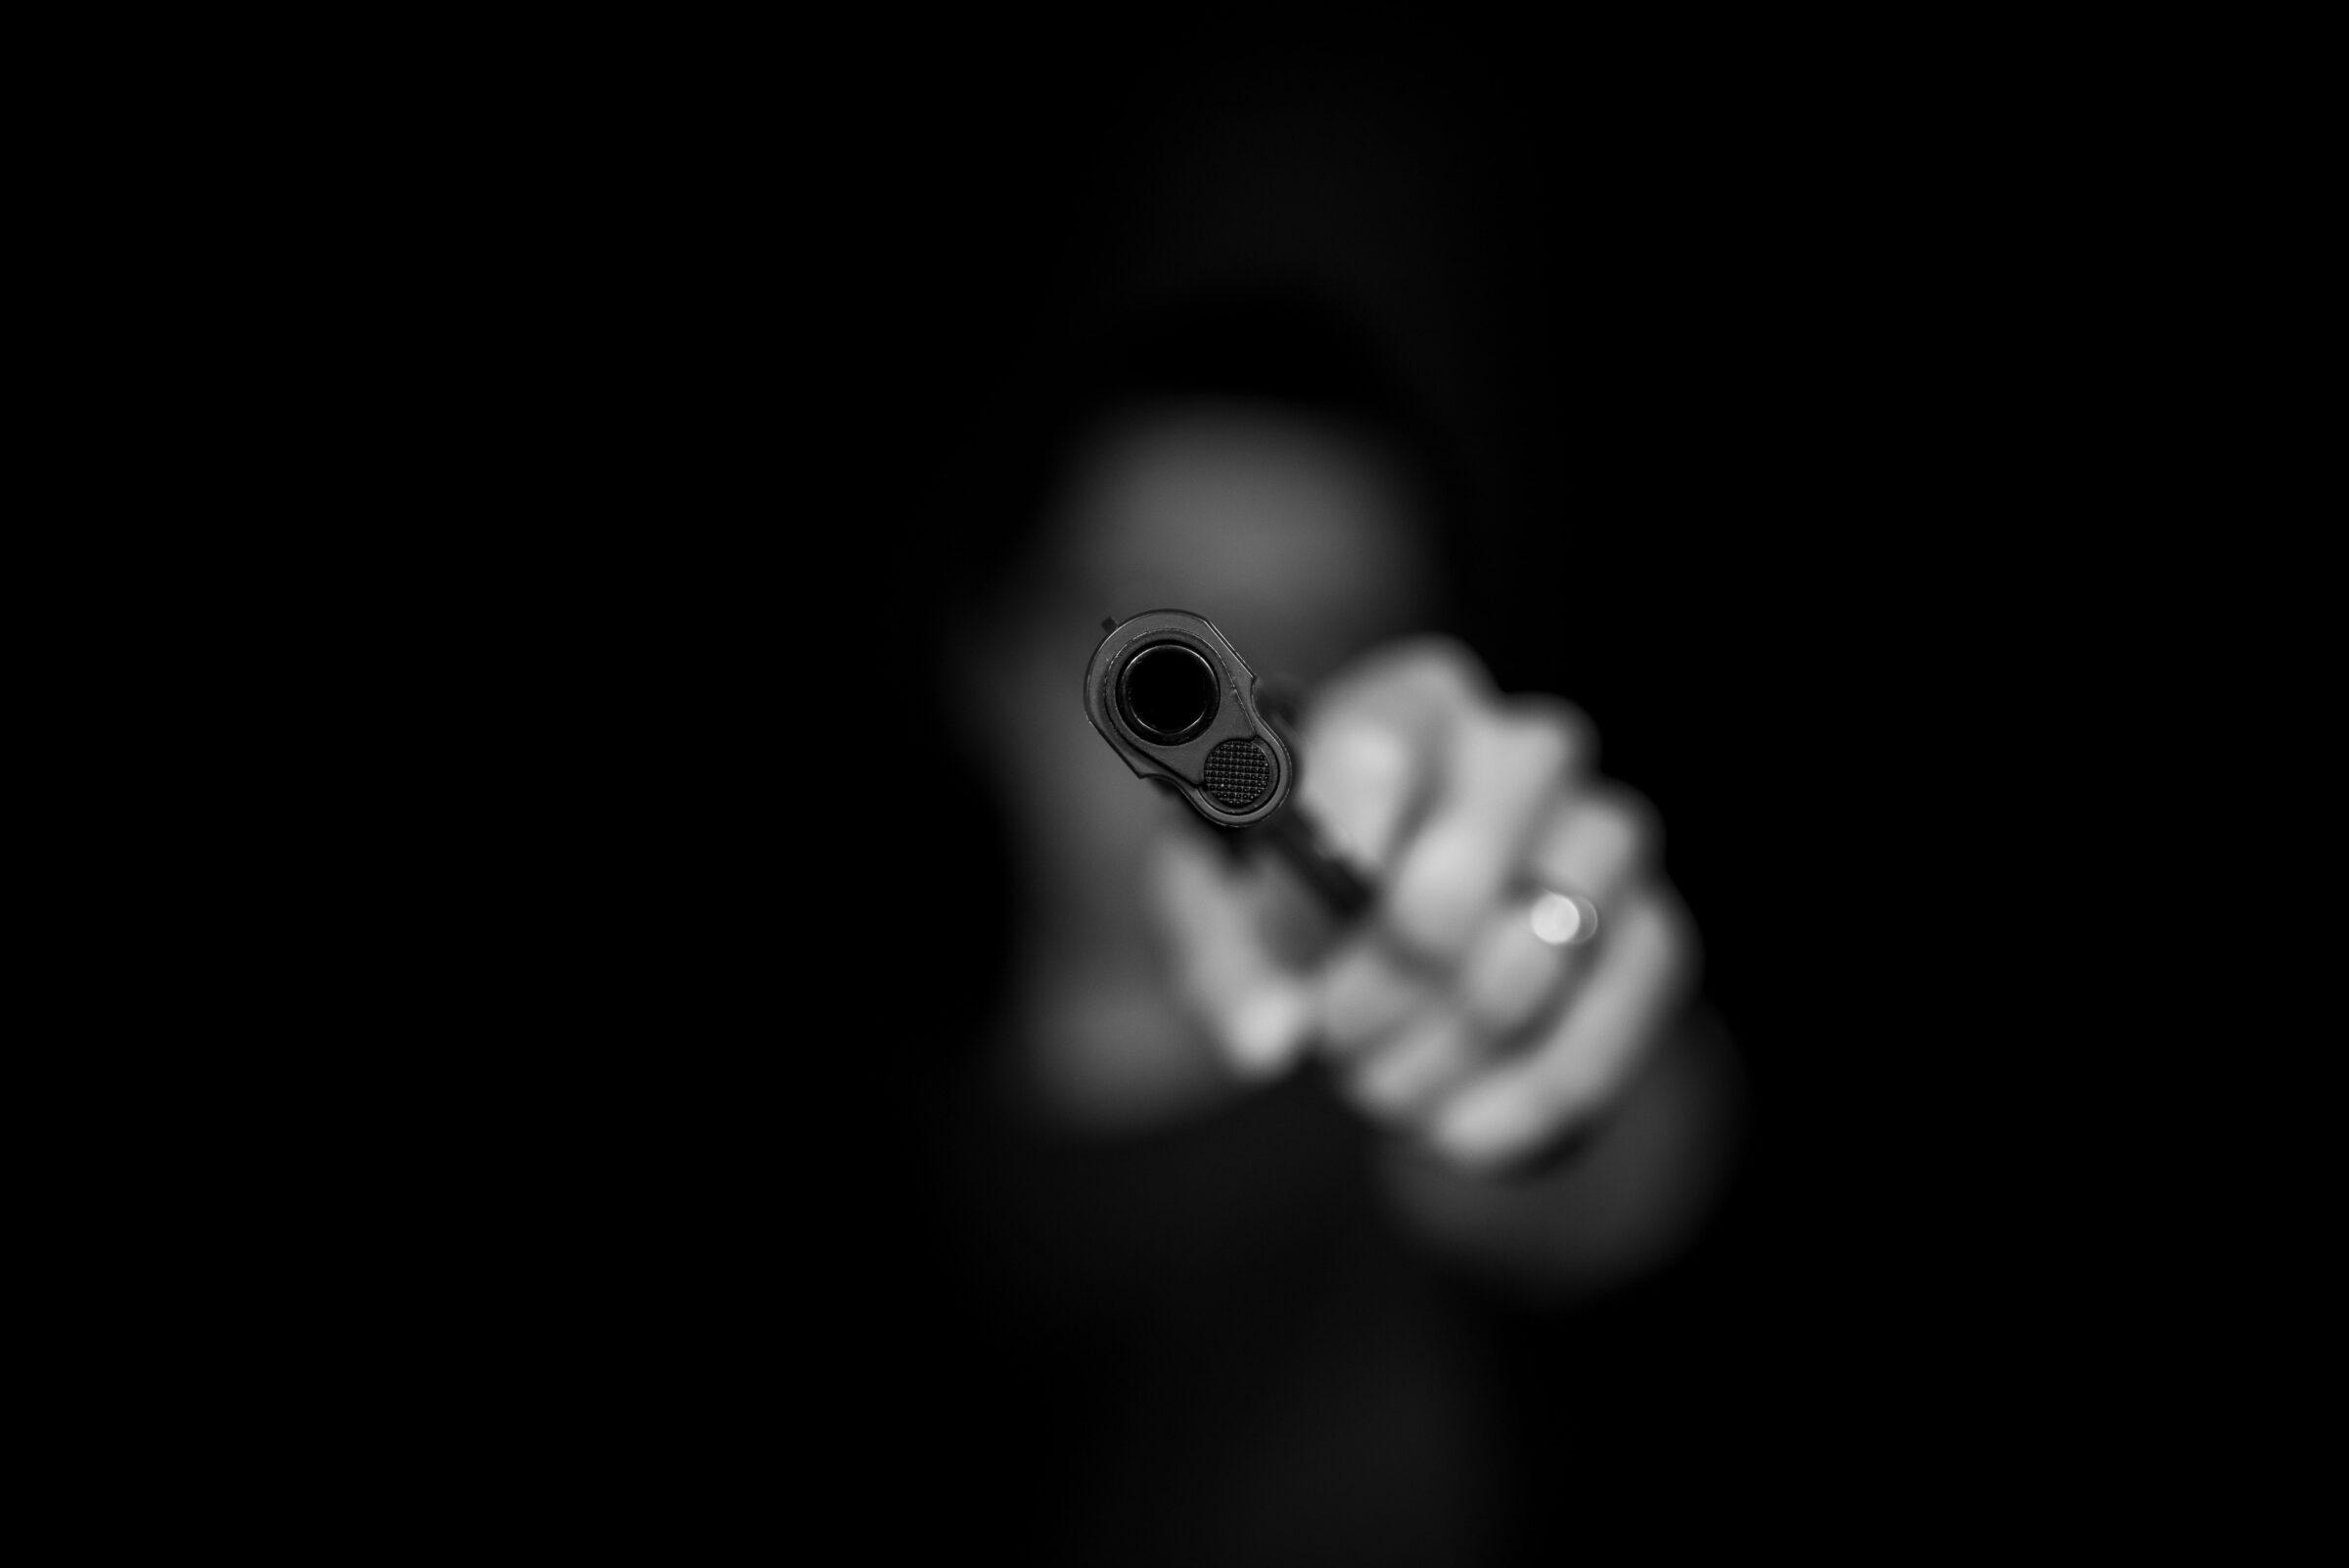 De loop van een wapen vastgehouden door een hand. Vaag op de achtergrond het gezicht. Zwart-wit